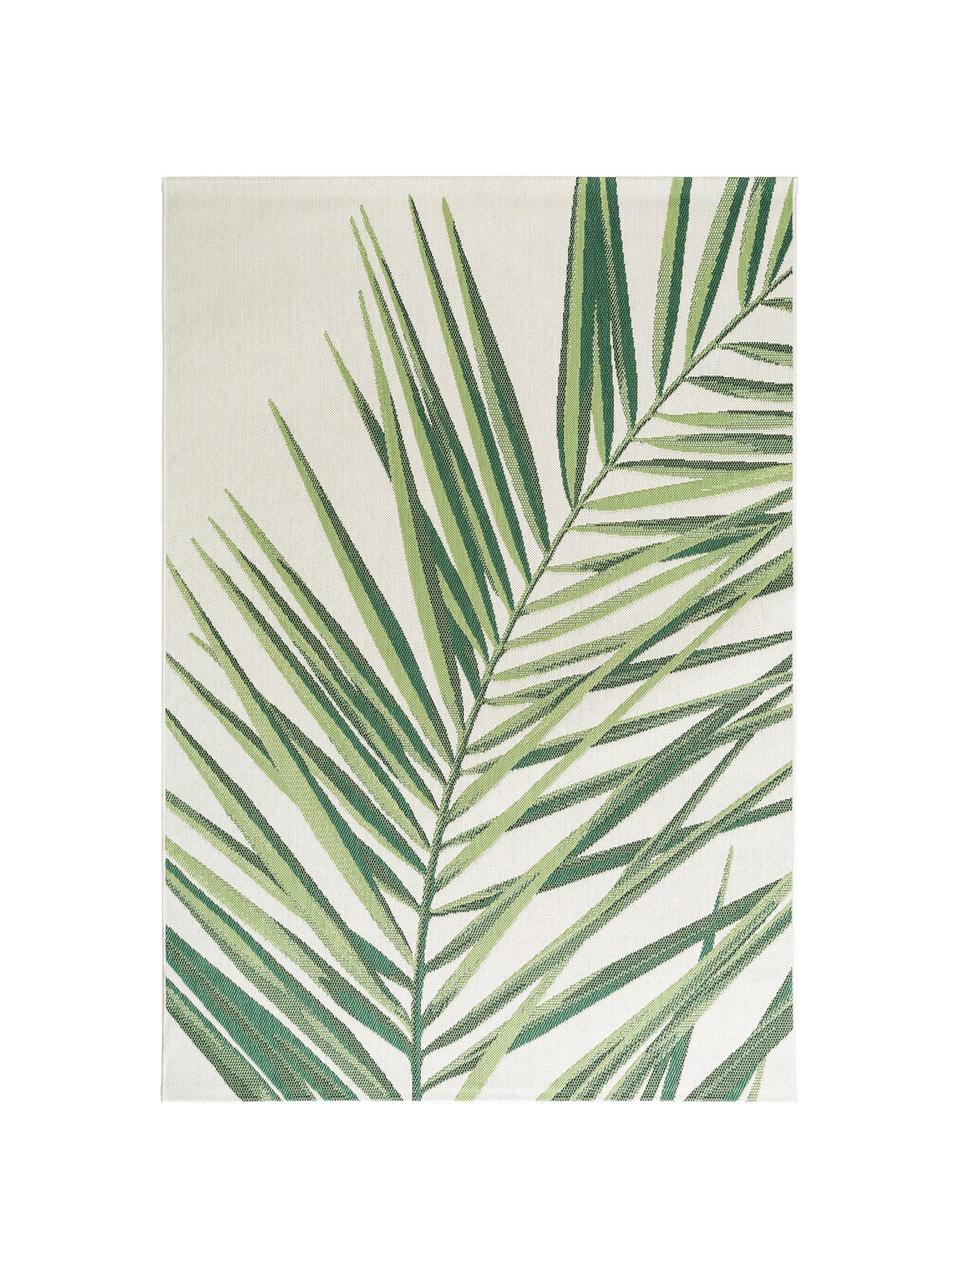 Tappeto da interno-esterno con motivo tropicale Capri Palm, 100% polipropilene, Verde, beige, Larg. 80 x Lung. 150 cm (taglia XS)